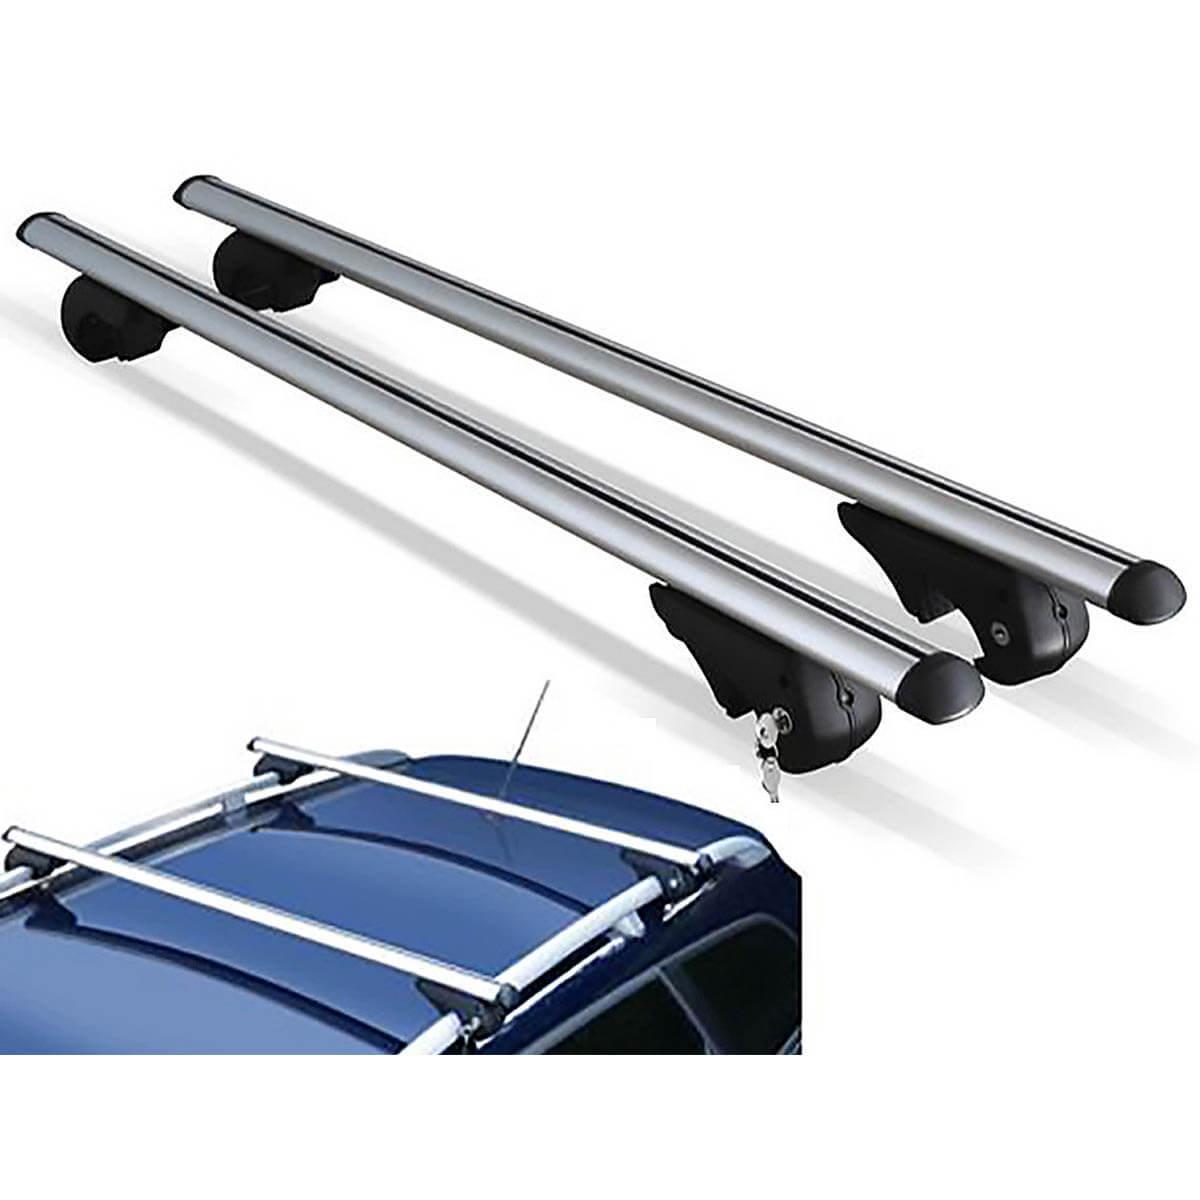 Travessa rack de teto Belluno Kiussi com chave IX35 2011 a 2022